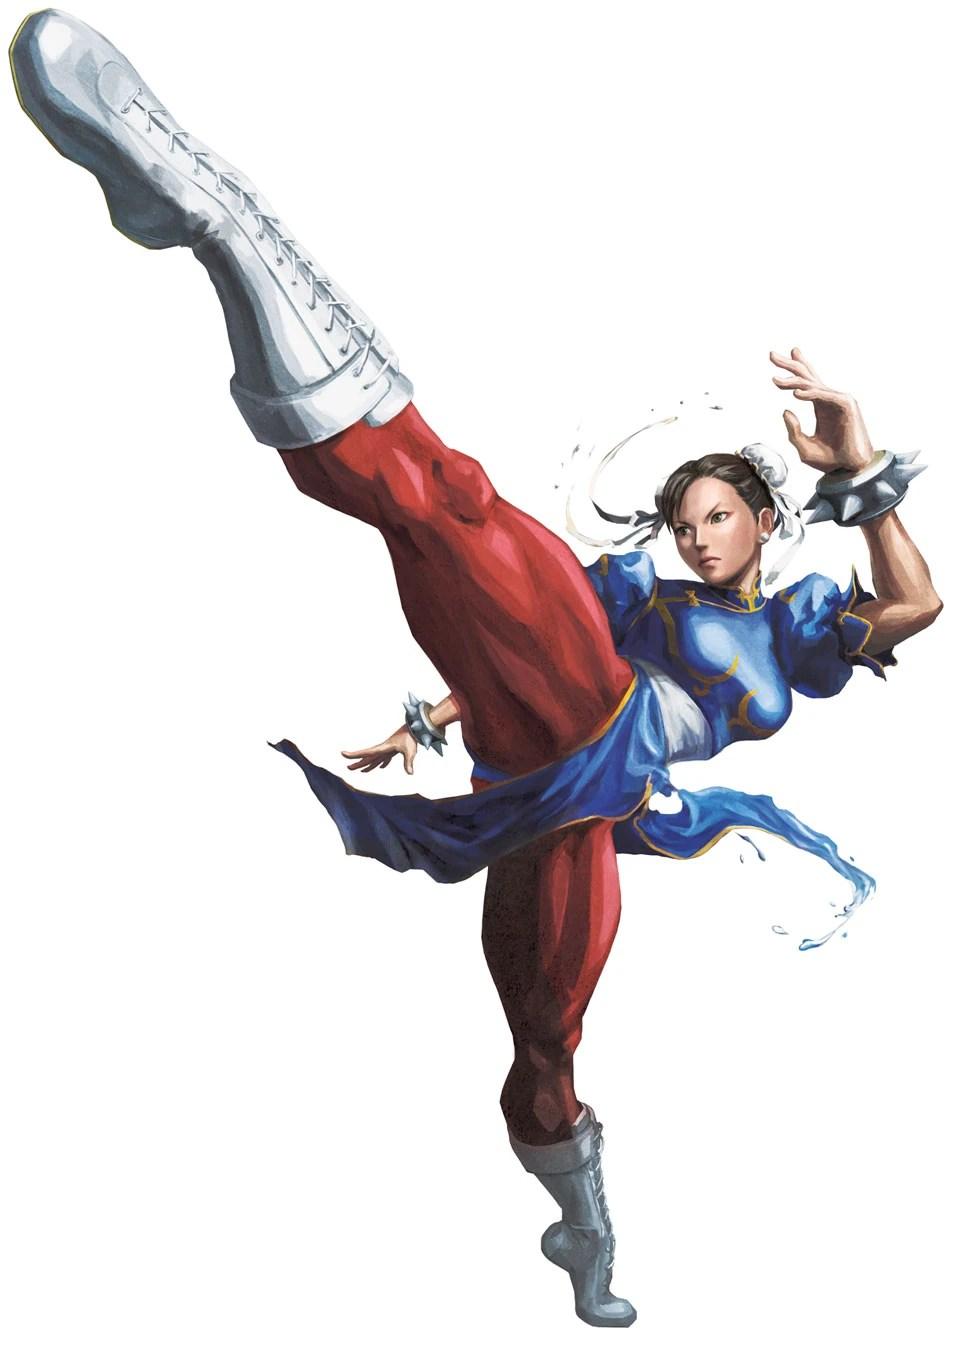 Category:Female Characters | Street Fighter X Tekken Wiki ...